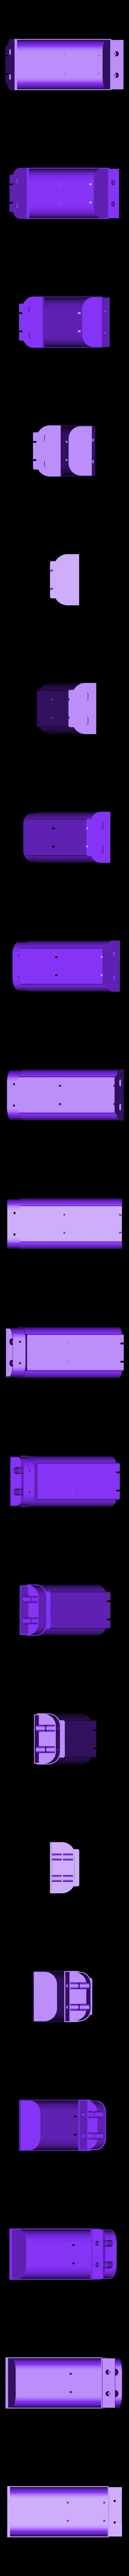 Nerf-lipo.STL Télécharger fichier STL gratuit Nerf Rapidstrike LiPo boîtier de batterie • Modèle pour impression 3D, Cornbald